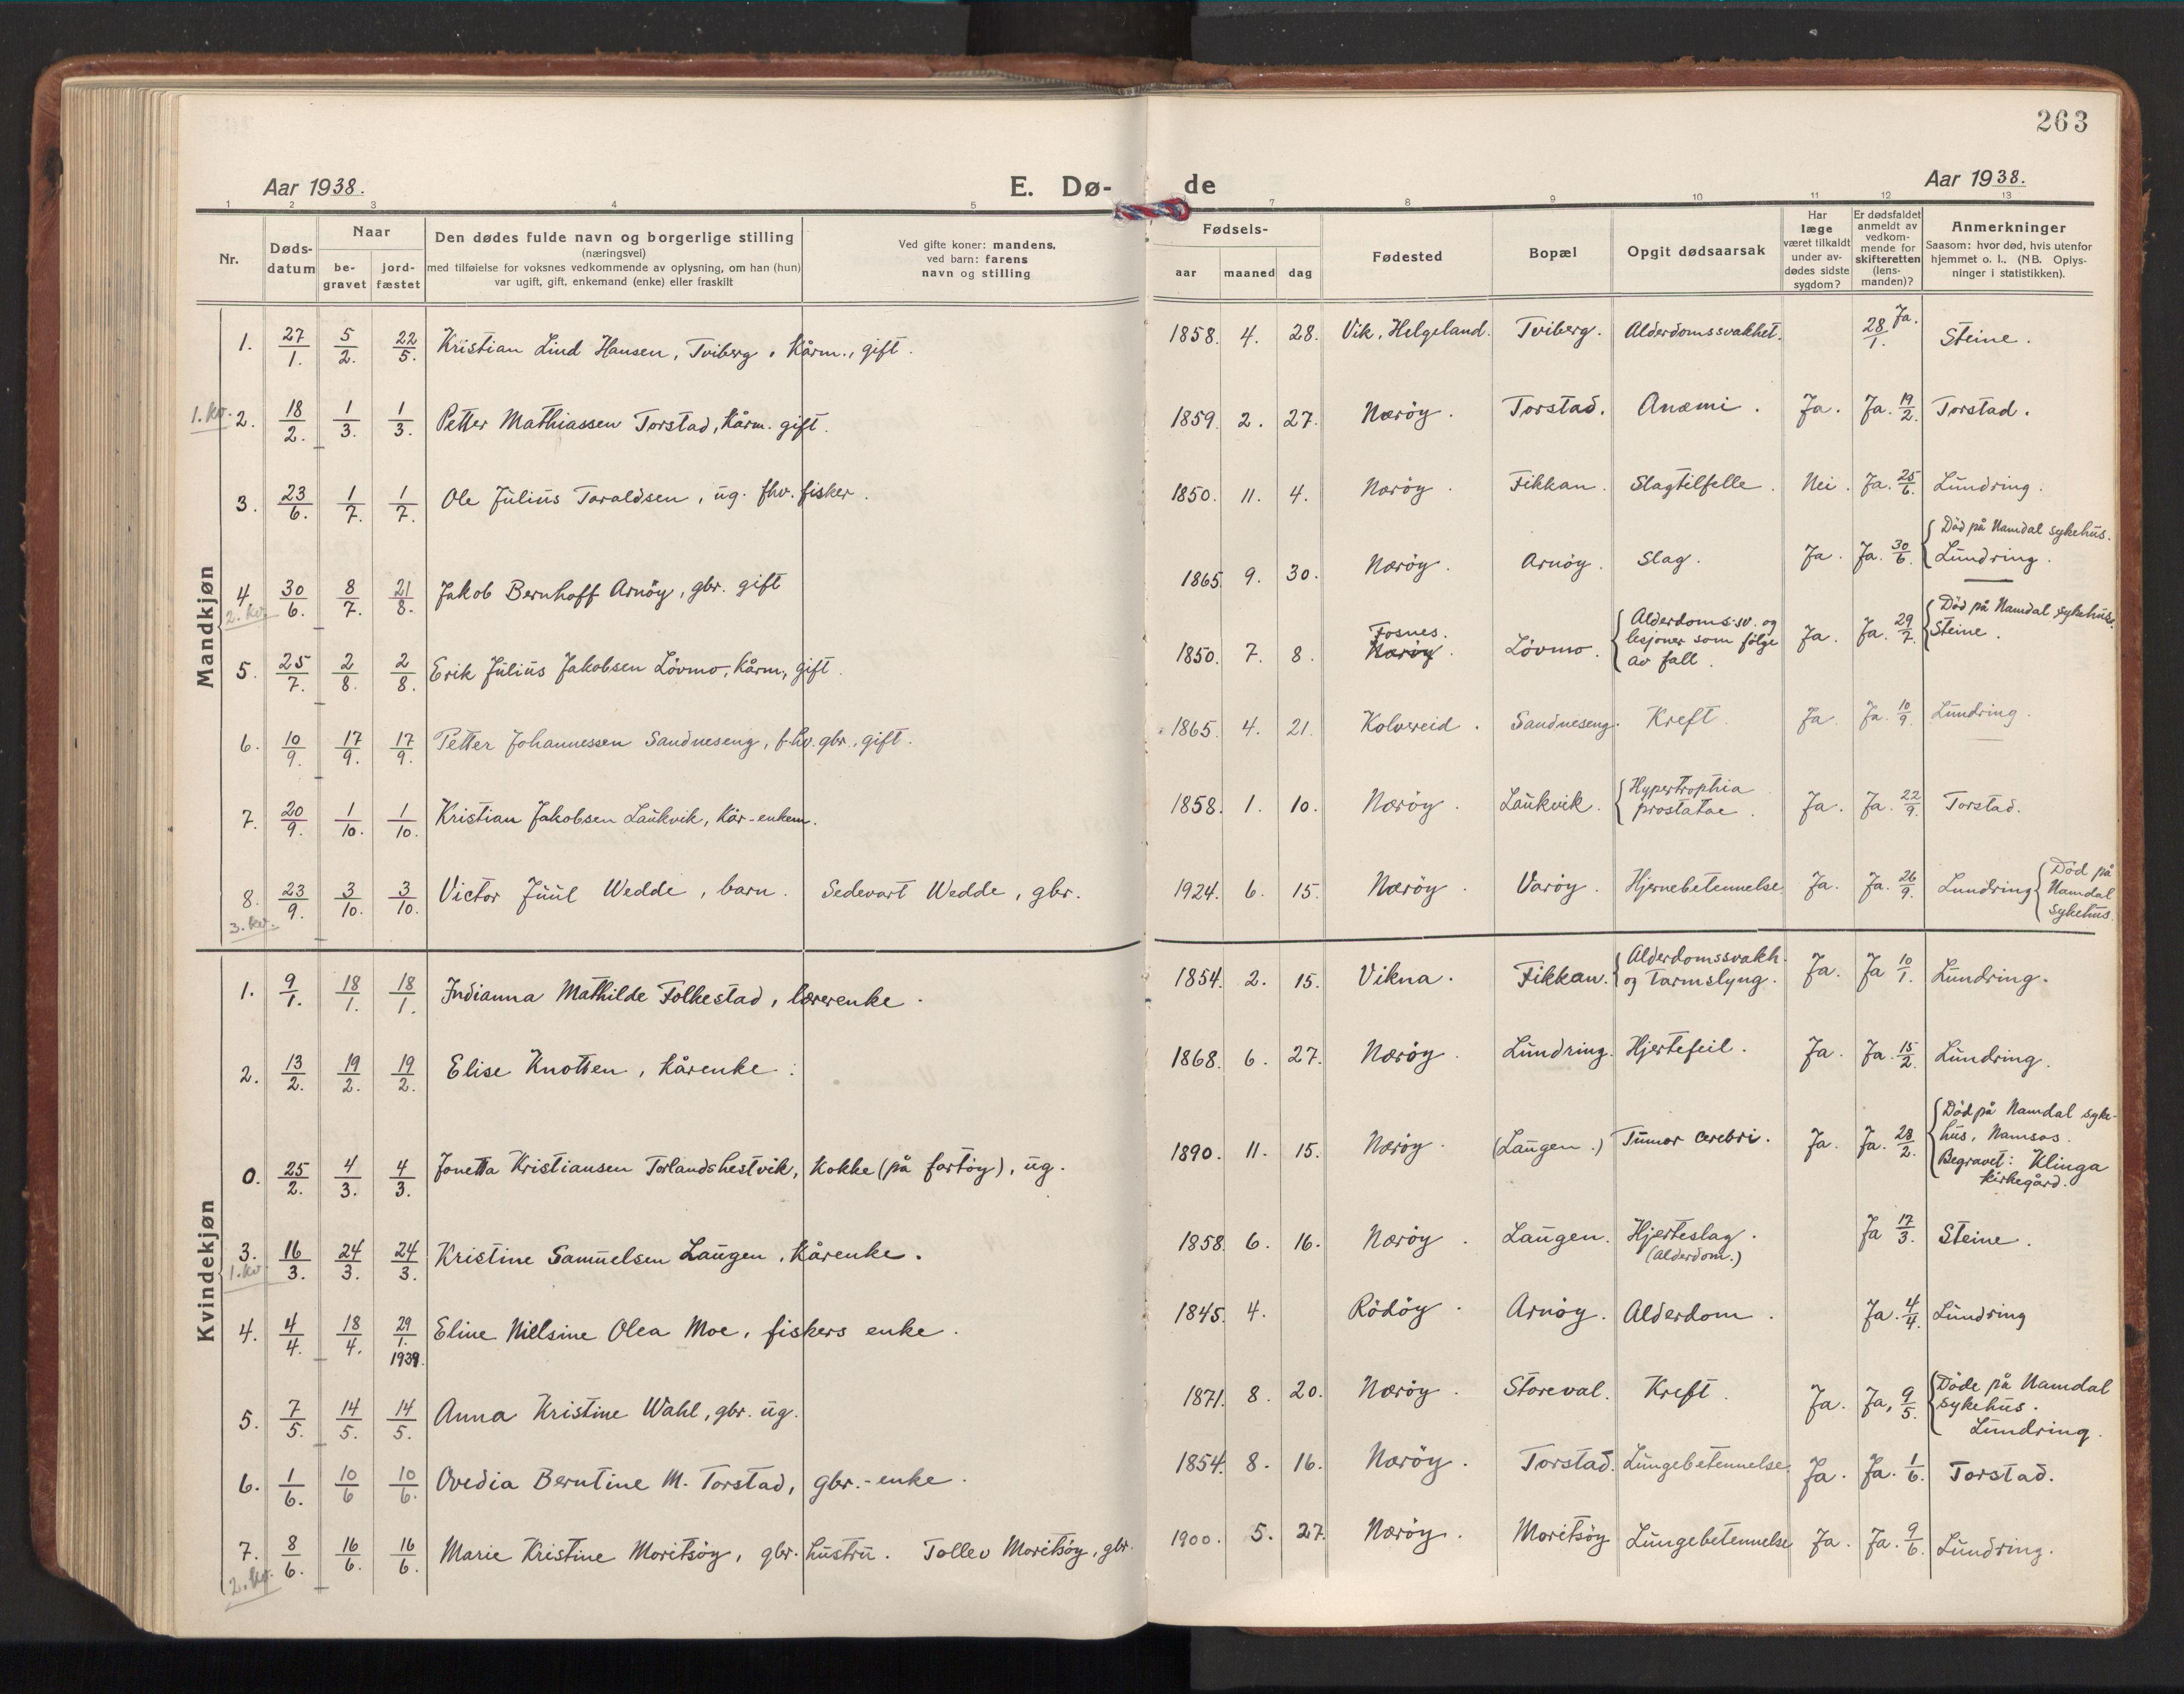 SAT, Ministerialprotokoller, klokkerbøker og fødselsregistre - Nord-Trøndelag, 784/L0678: Ministerialbok nr. 784A13, 1921-1938, s. 263